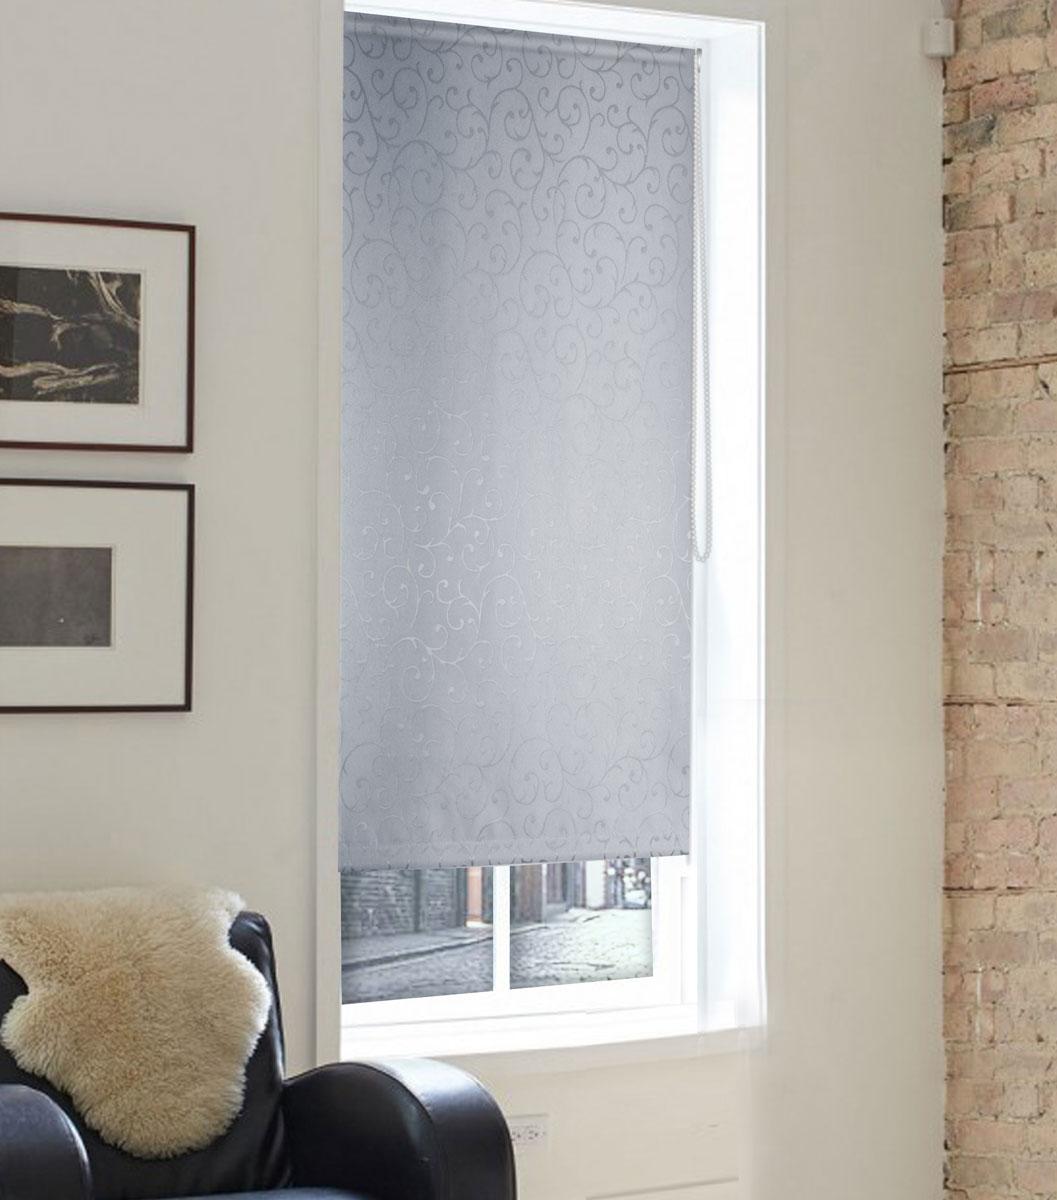 Штора рулонная Эскар Миниролло. Агат, фактурная, цвет: серый, ширина 115 см, высота 160 см37022115160Рулонная штора Эскар Миниролло. Агат выполнена из высокопрочной ткани, которая сохраняет свой размер даже при намокании. Ткань не выцветает и обладает отличной цветоустойчивостью. Миниролло - это подвид рулонных штор, который закрывает не весь оконный проем, а непосредственно само стекло. Такие шторы крепятся на раму без сверления при помощи зажимов или клейкой двухсторонней ленты. Окно остается на гарантии, благодаря монтажу без сверления. Такая штора станет прекрасным элементом декора окна и гармонично впишется в интерьер любого помещения.